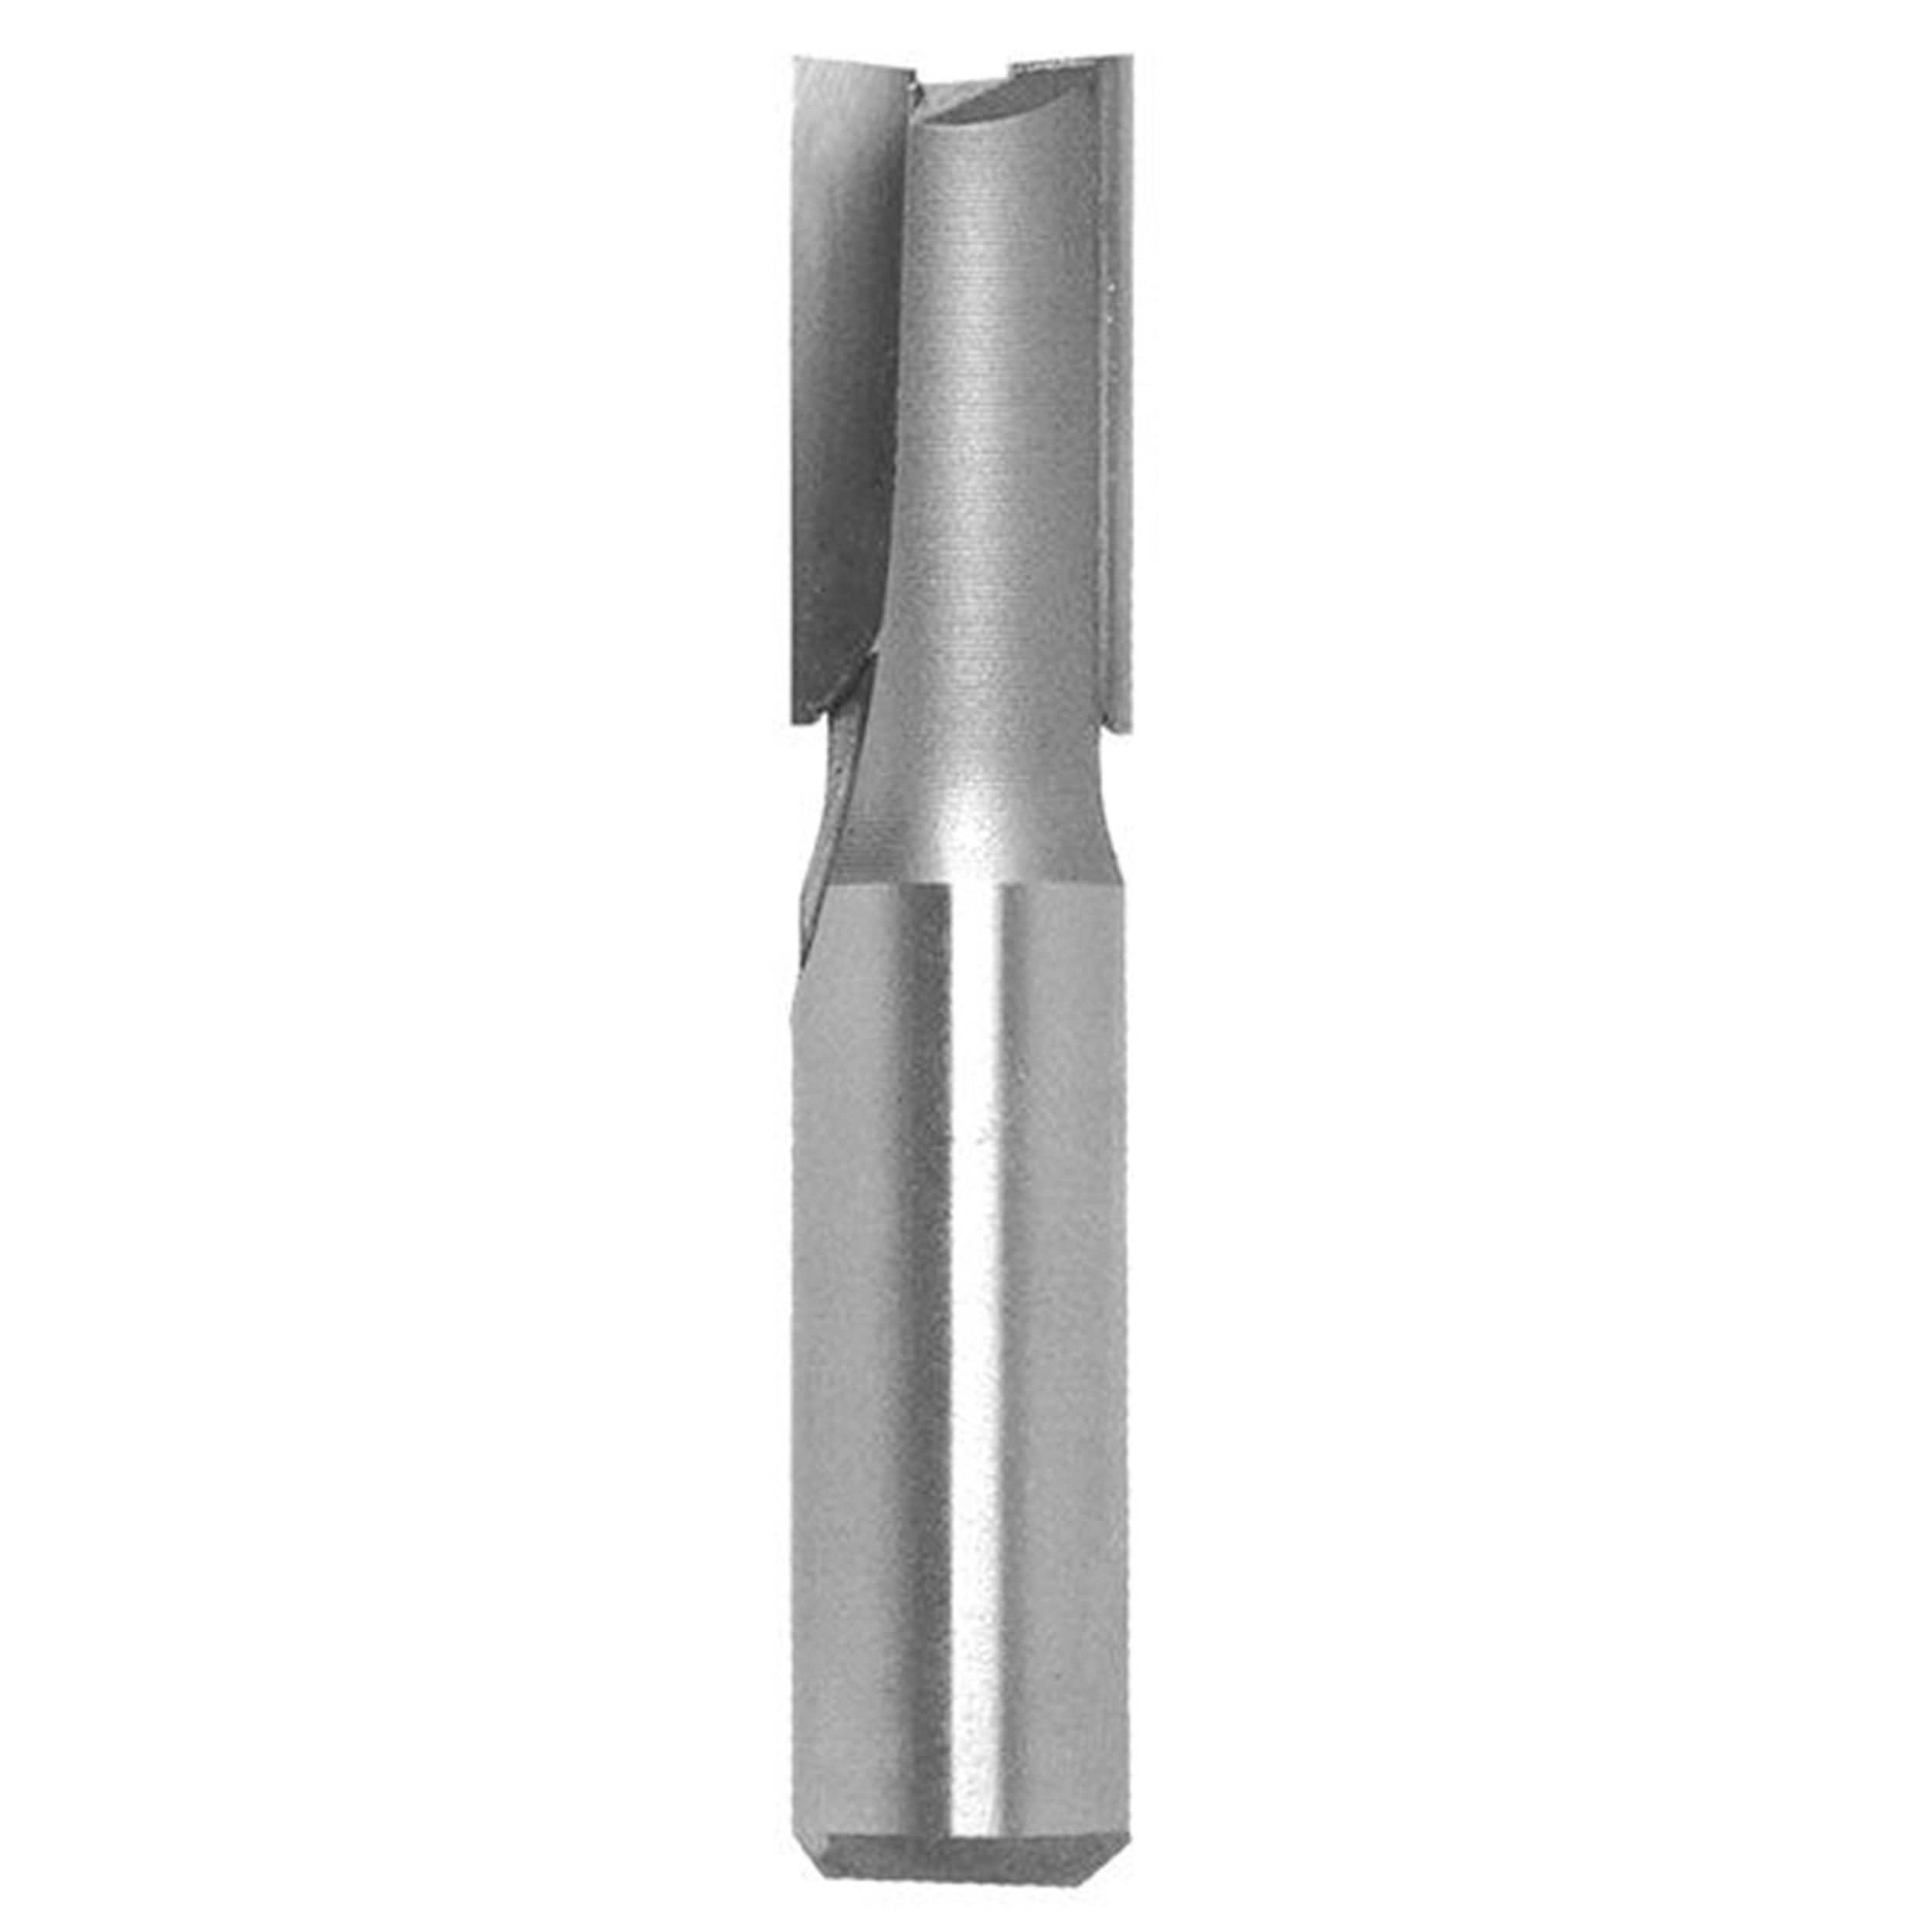 1065A Straight Cut Double Flute Router Bit 31/64